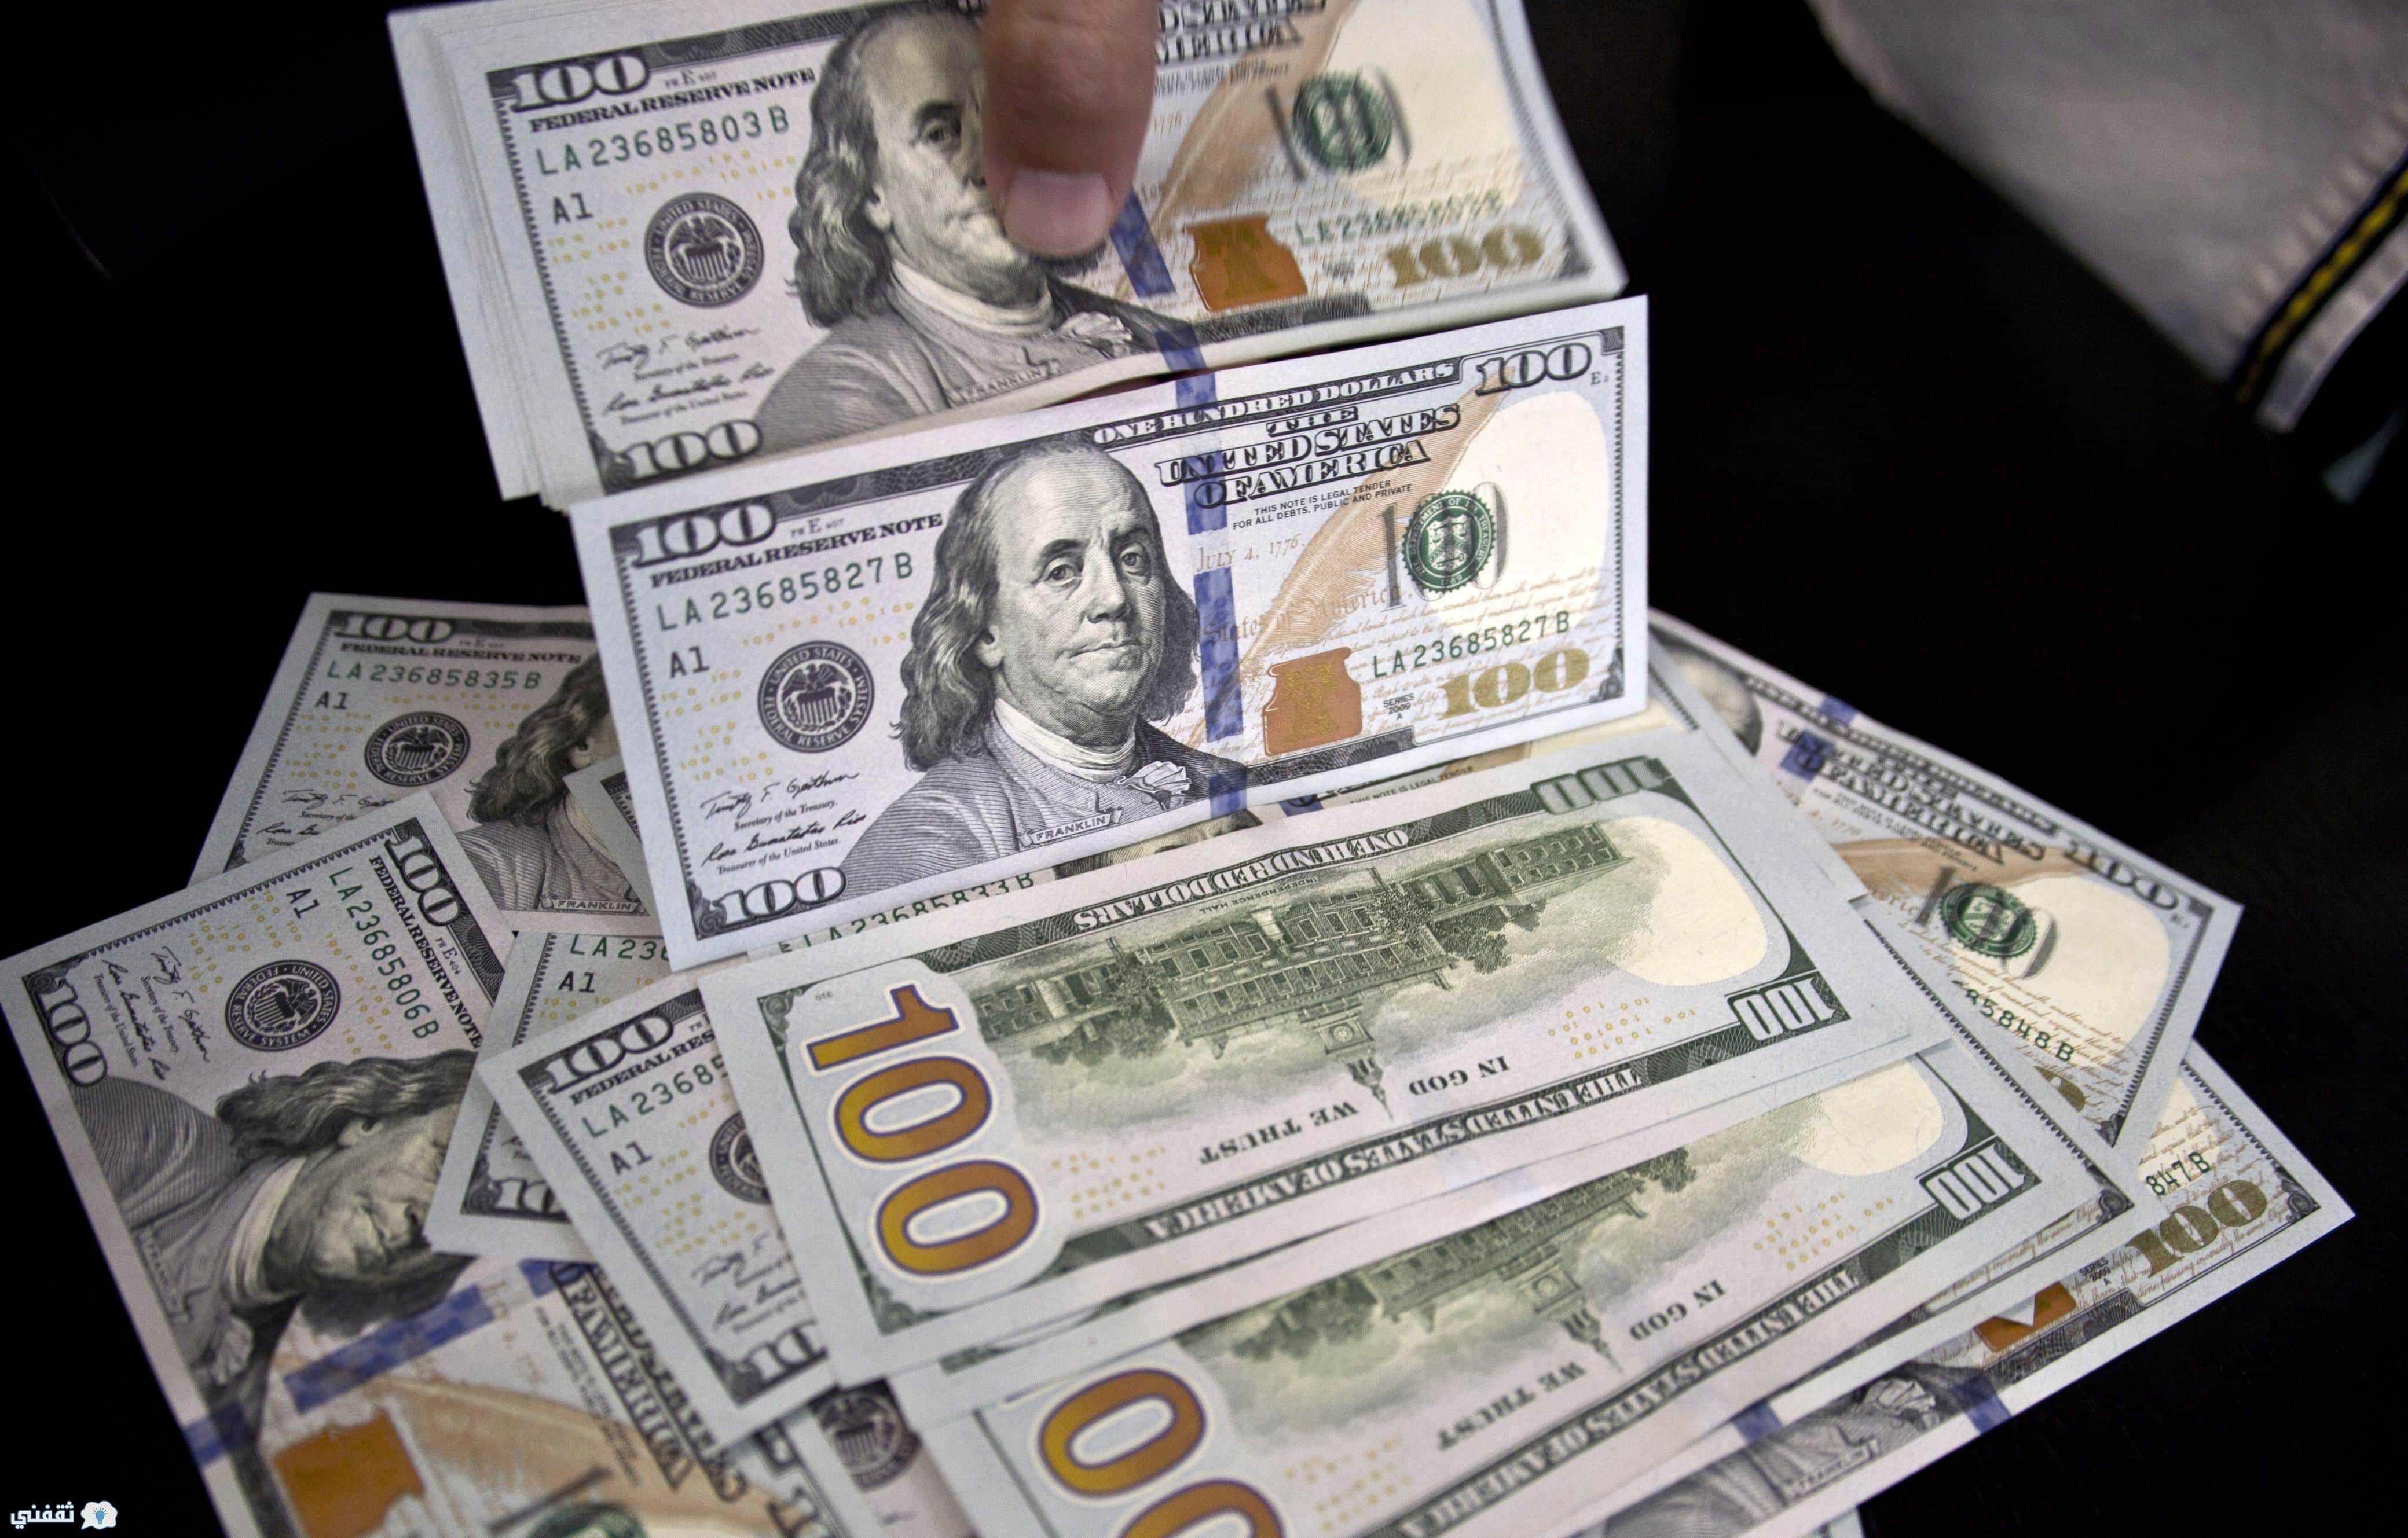 سعر الدولار 13 أكتوبر بالبنك الأهلي المصري والبنوك المصرية مع عدم استقرار سعر الدولار